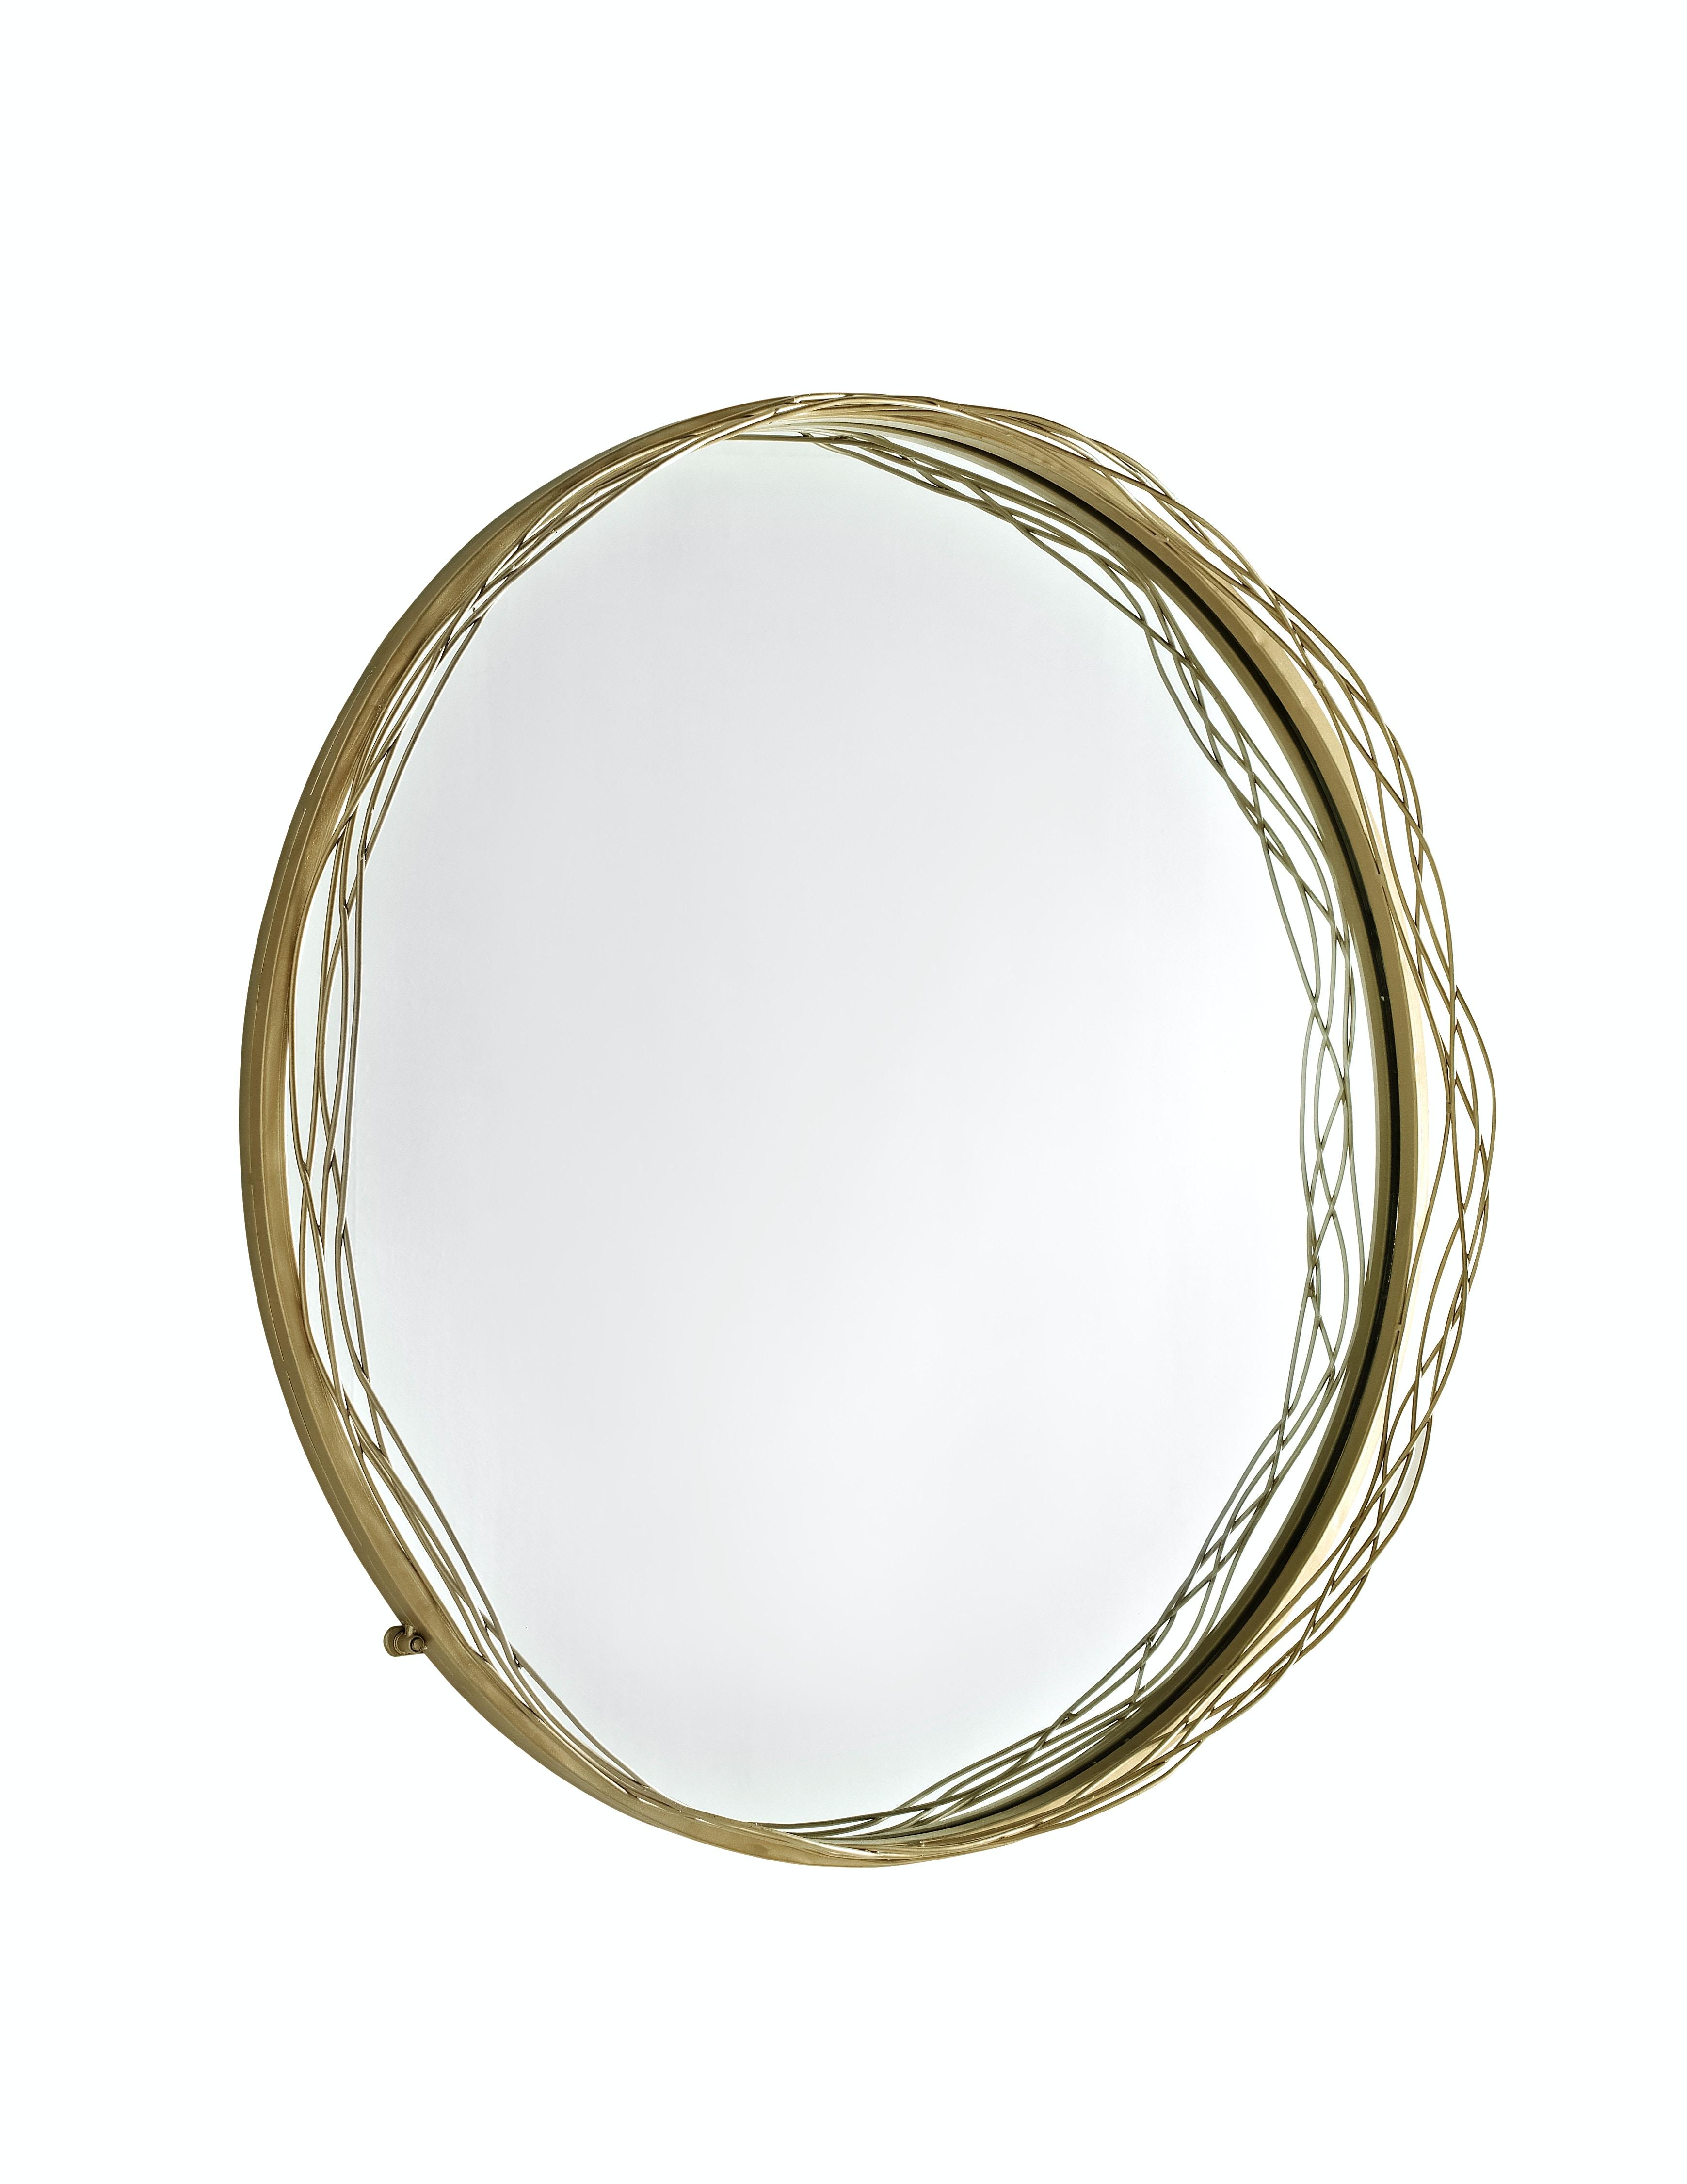 Mirror Wire | 32 Wire Nest Frame Round Wall Mirror Gold Wedm32nstgd